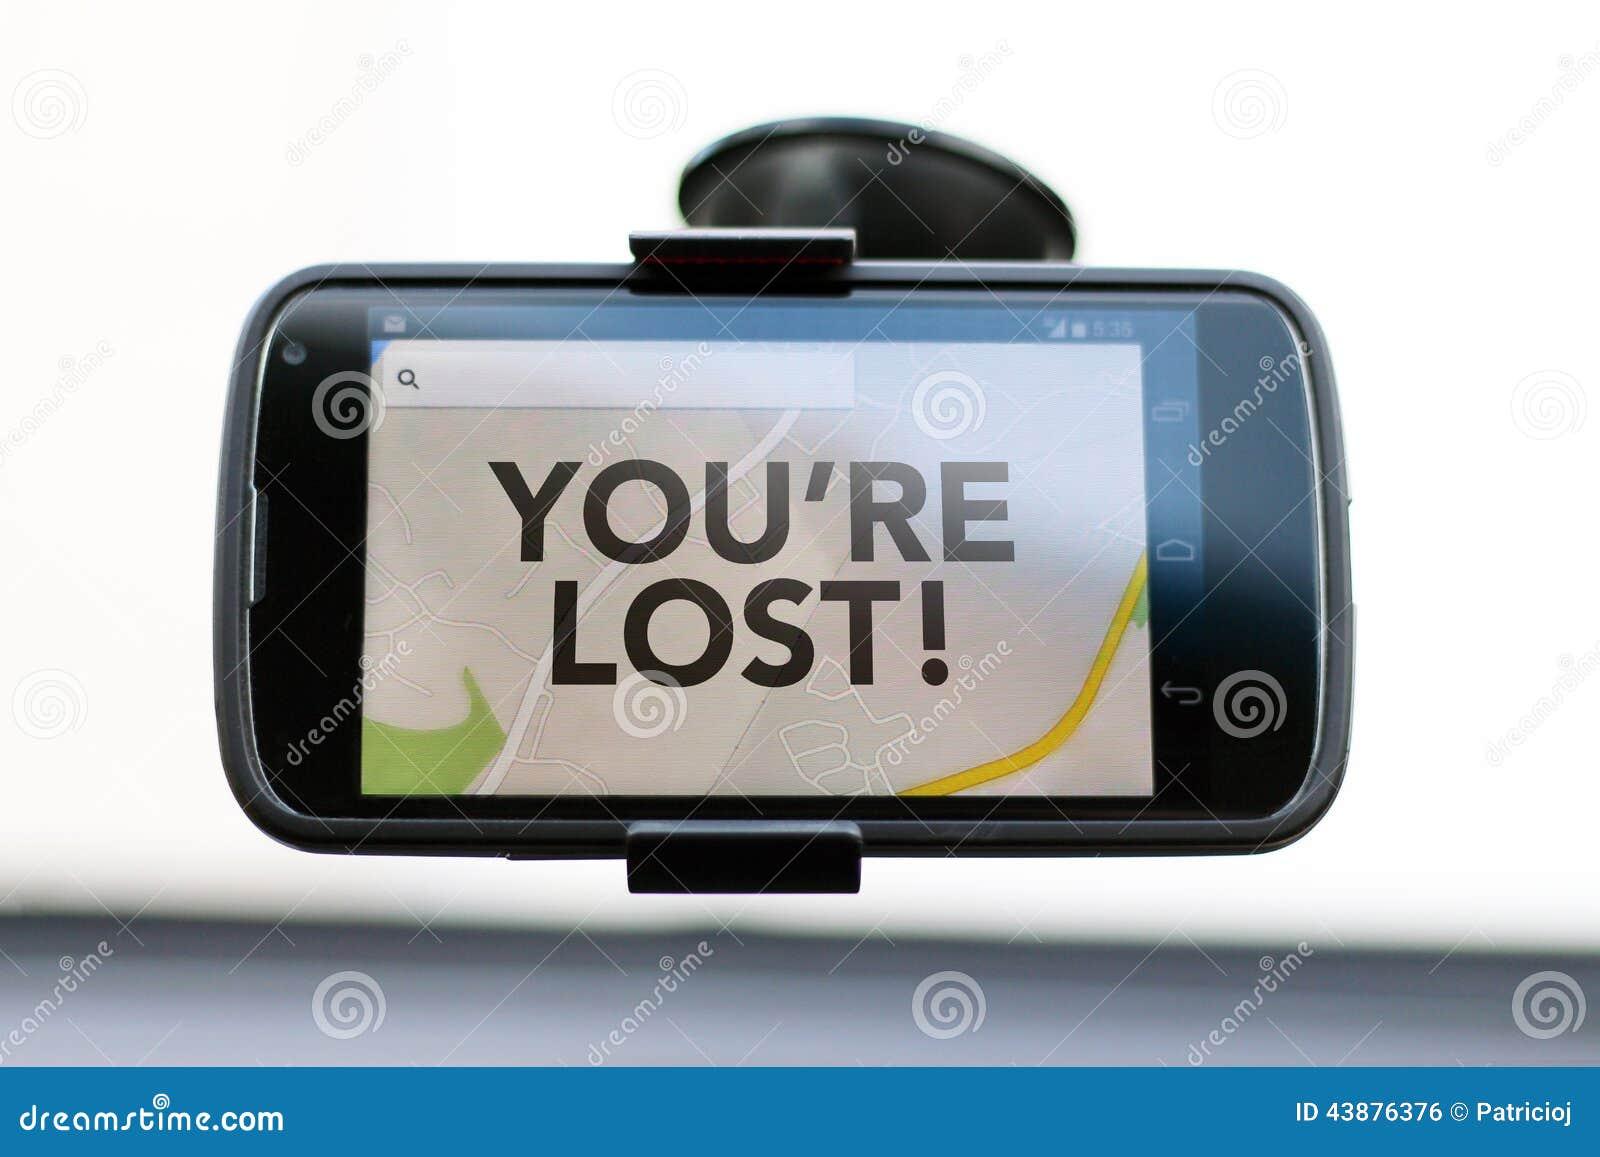 U bent Verloren type op een slimme telefoon van GPS